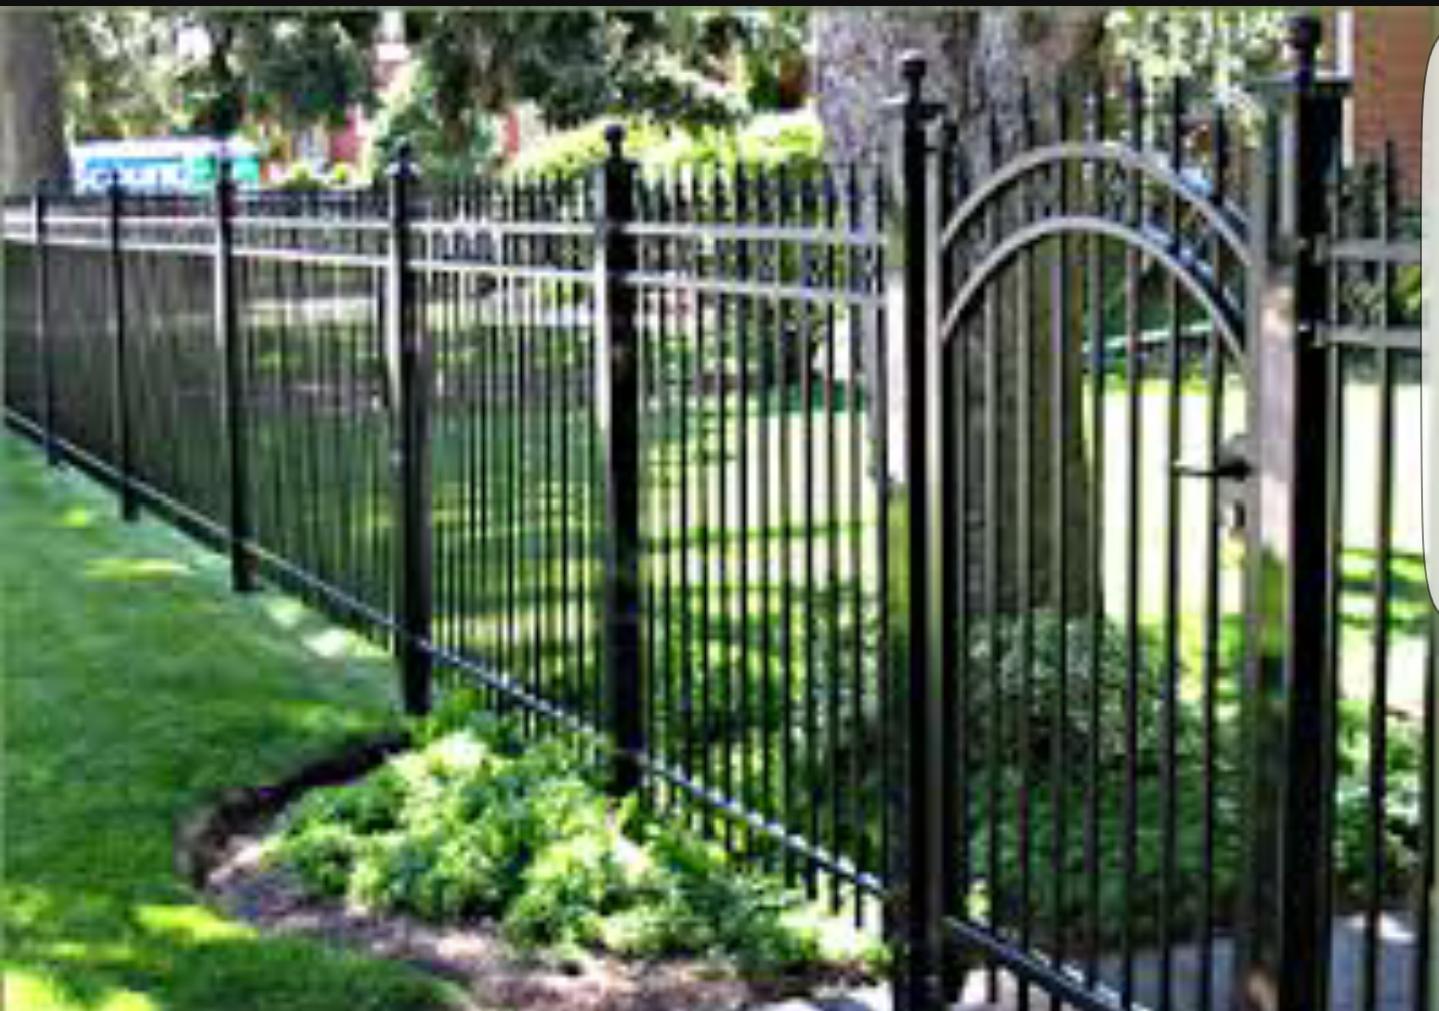 Sf Bay Automatic Gates Fences San Jose California Ca